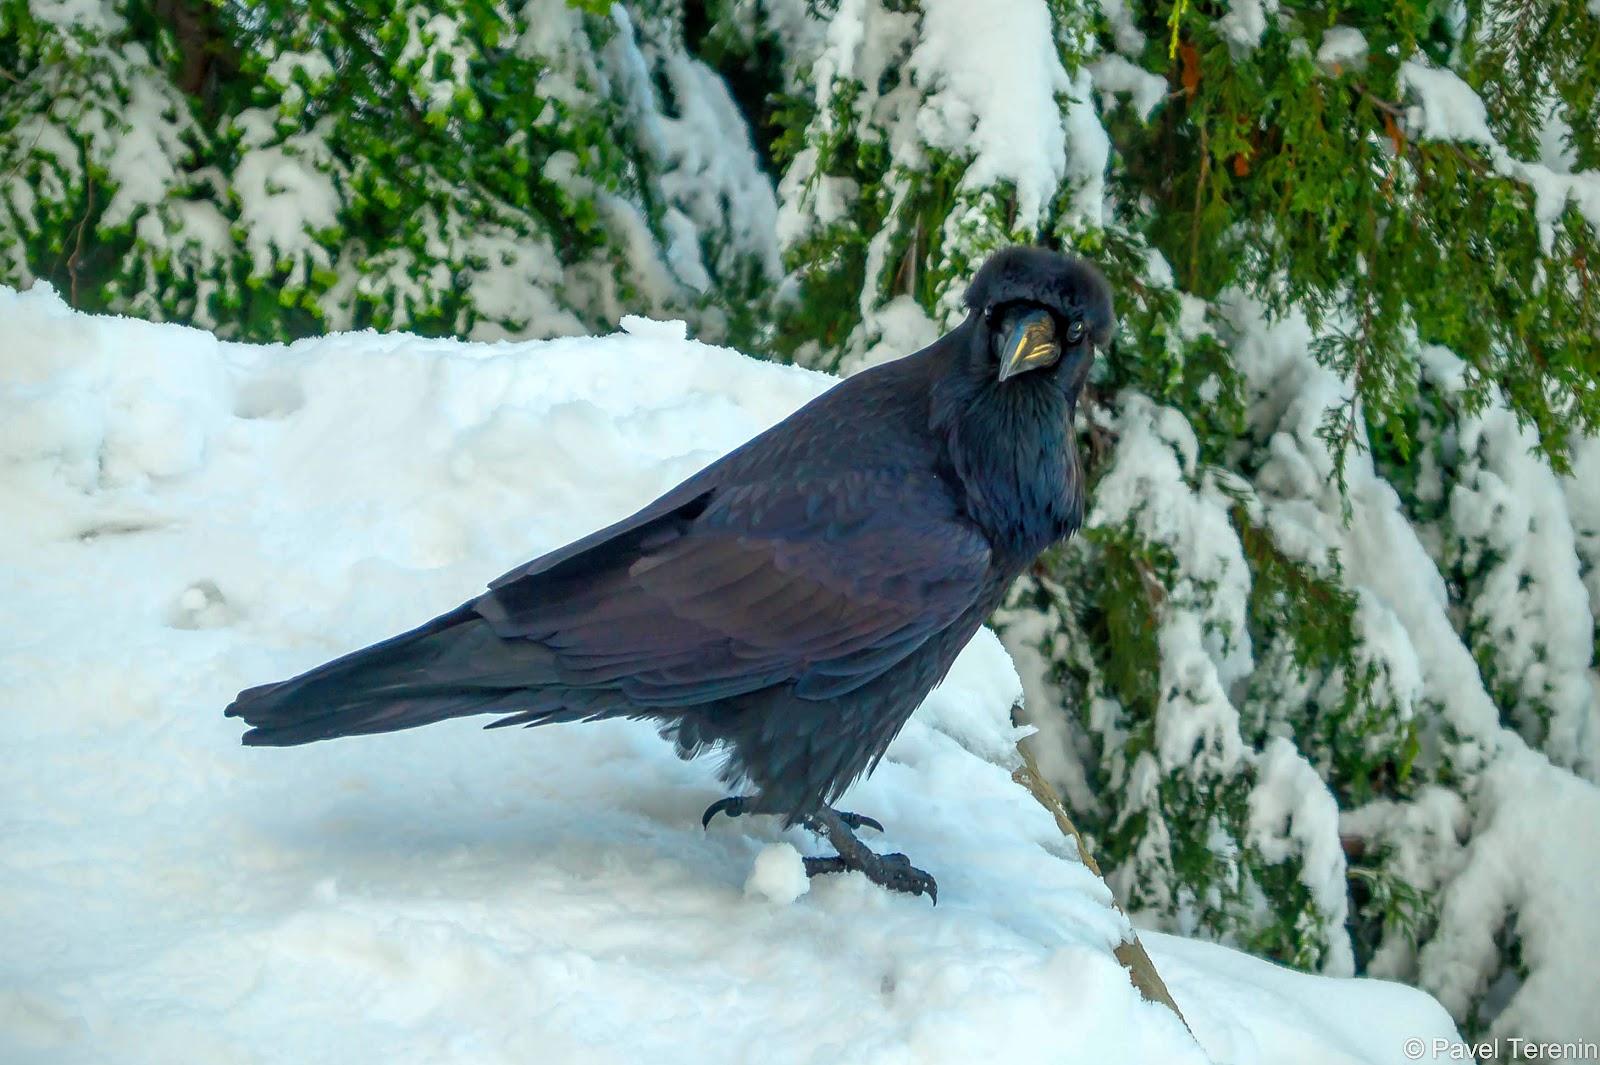 Пернатую компанию гостей дополнил огромный горный ворон, размером со среднего орла.